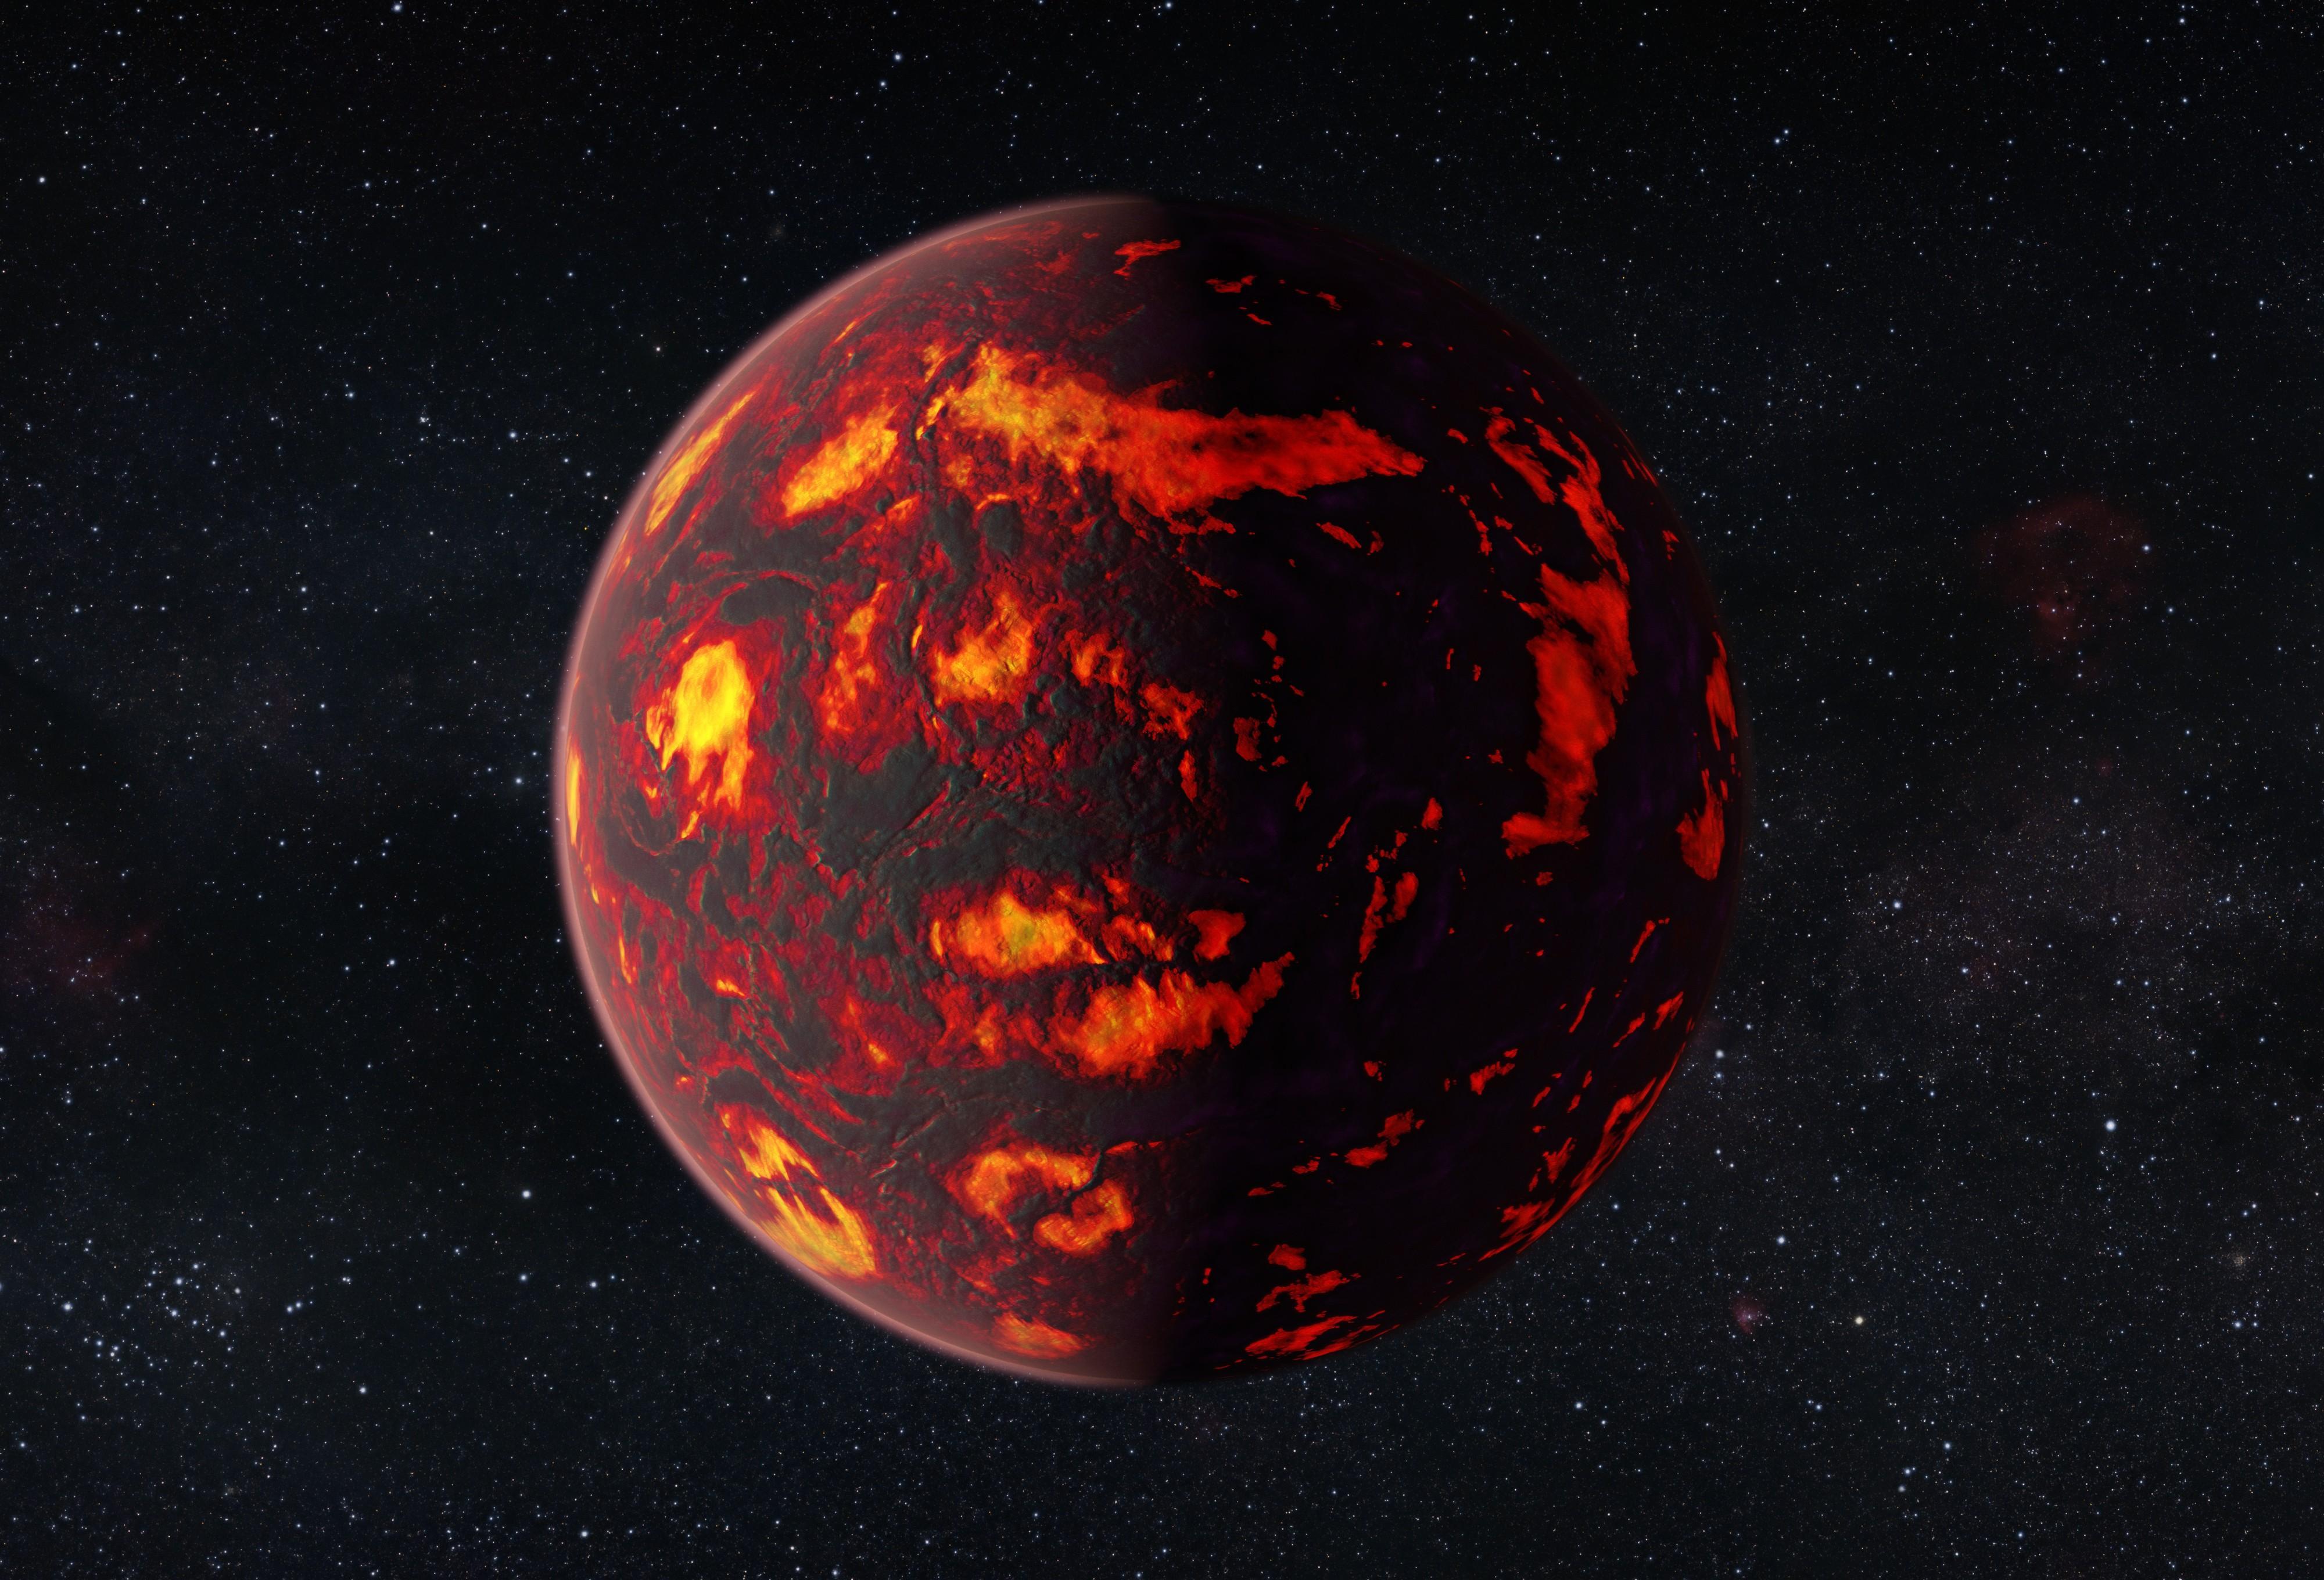 На новой экзопланете, возможно, нет жизни. планета